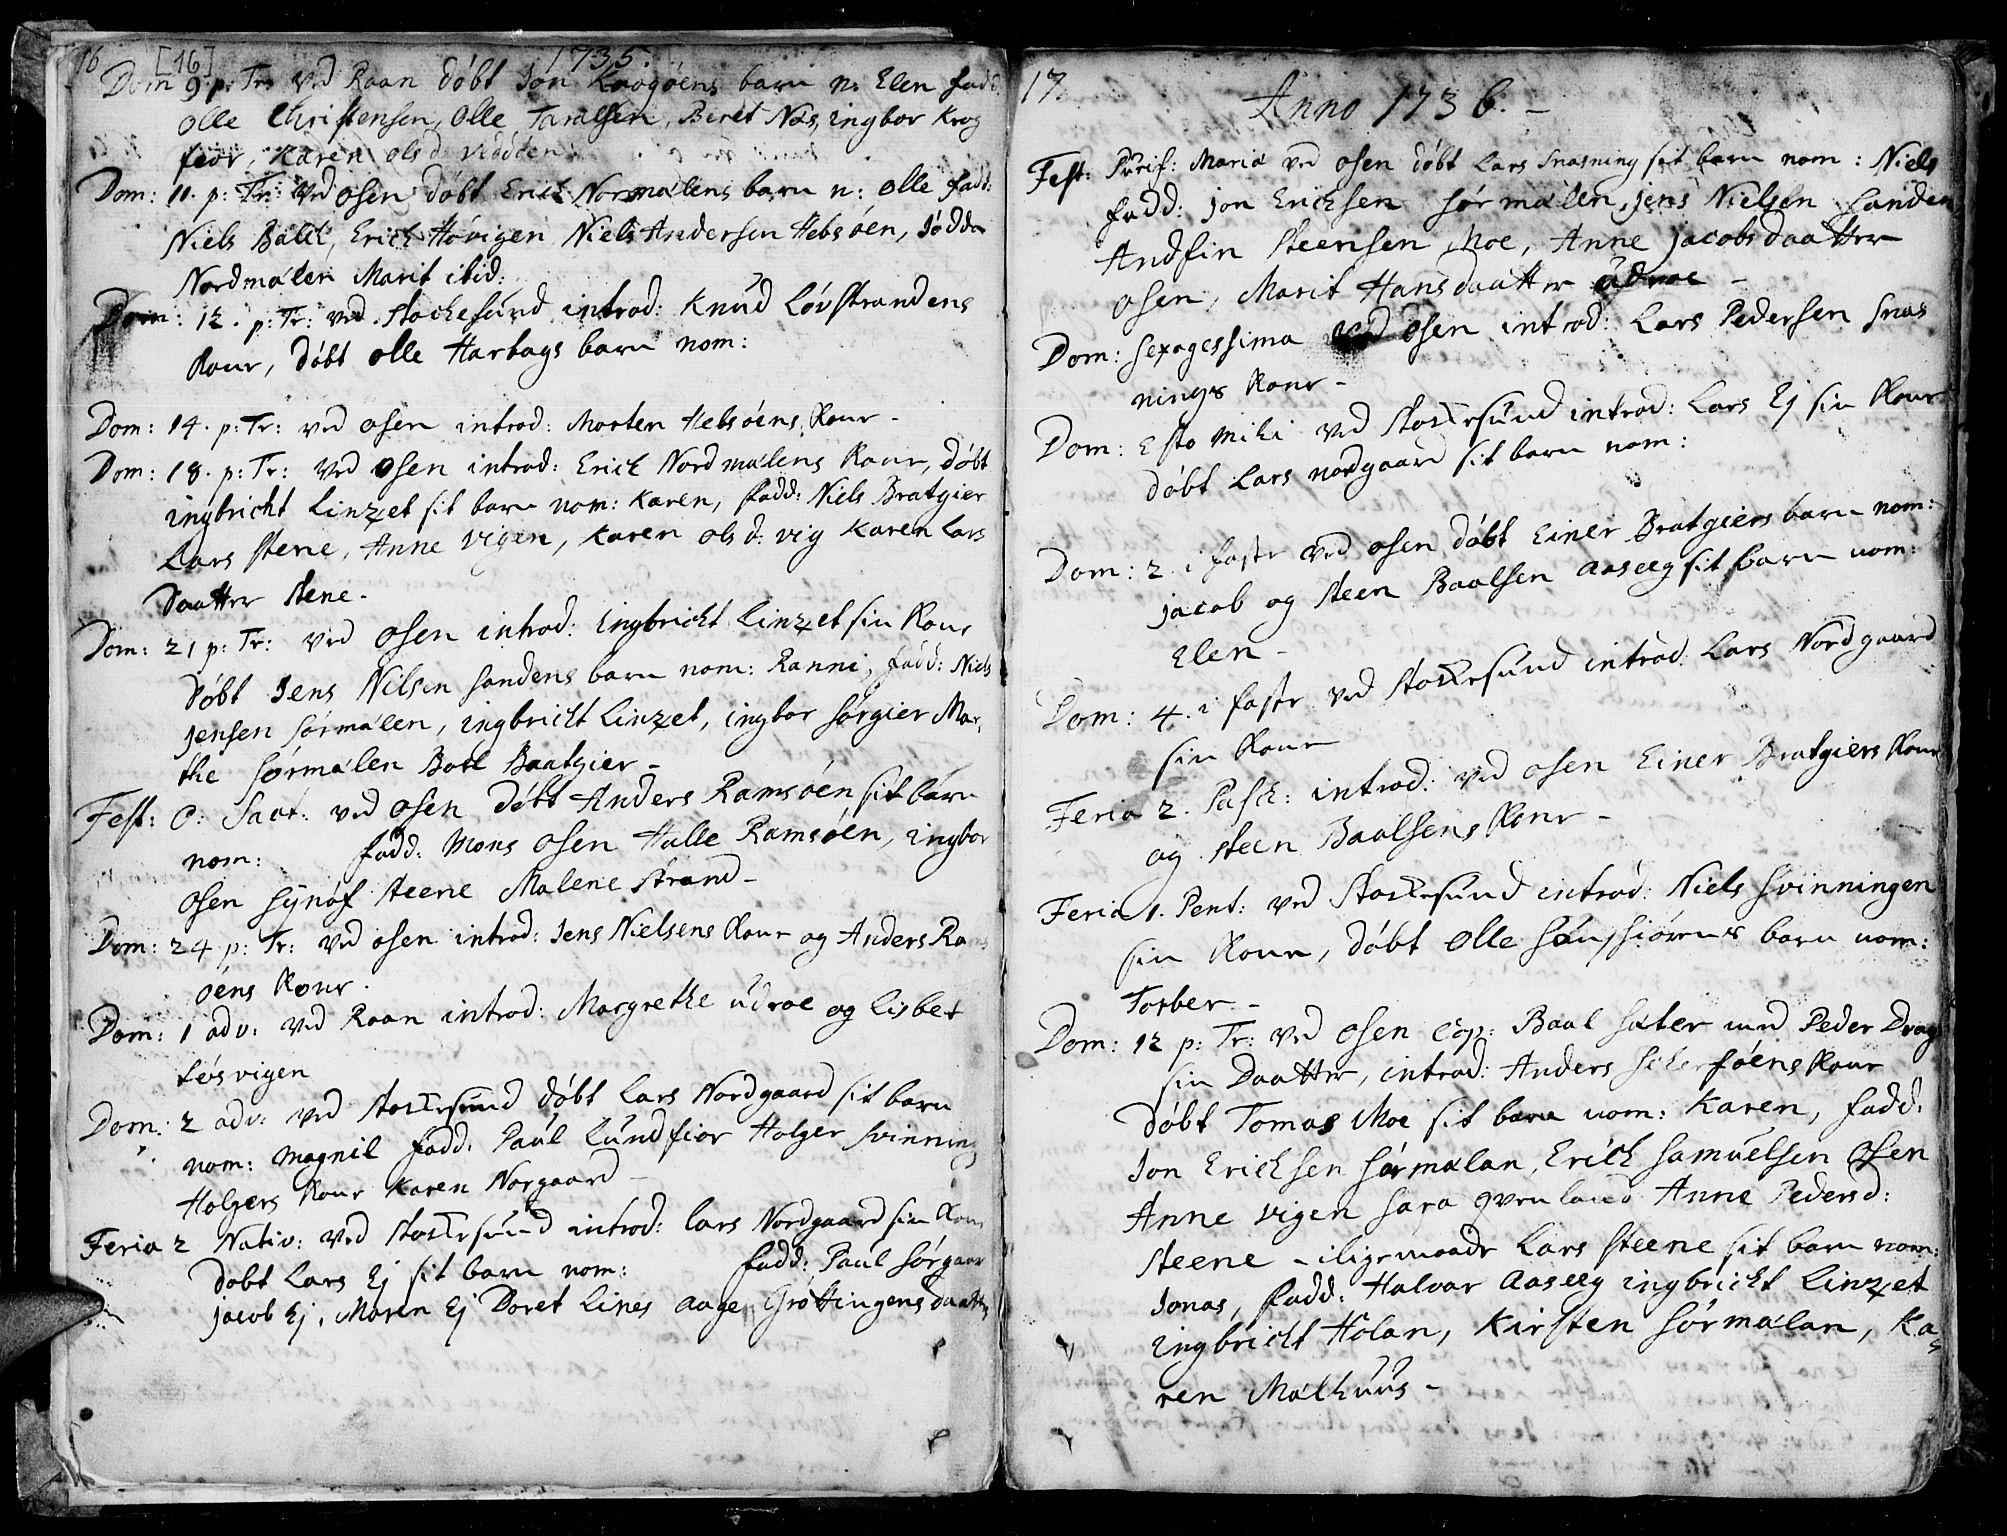 SAT, Ministerialprotokoller, klokkerbøker og fødselsregistre - Sør-Trøndelag, 657/L0700: Ministerialbok nr. 657A01, 1732-1801, s. 16-17